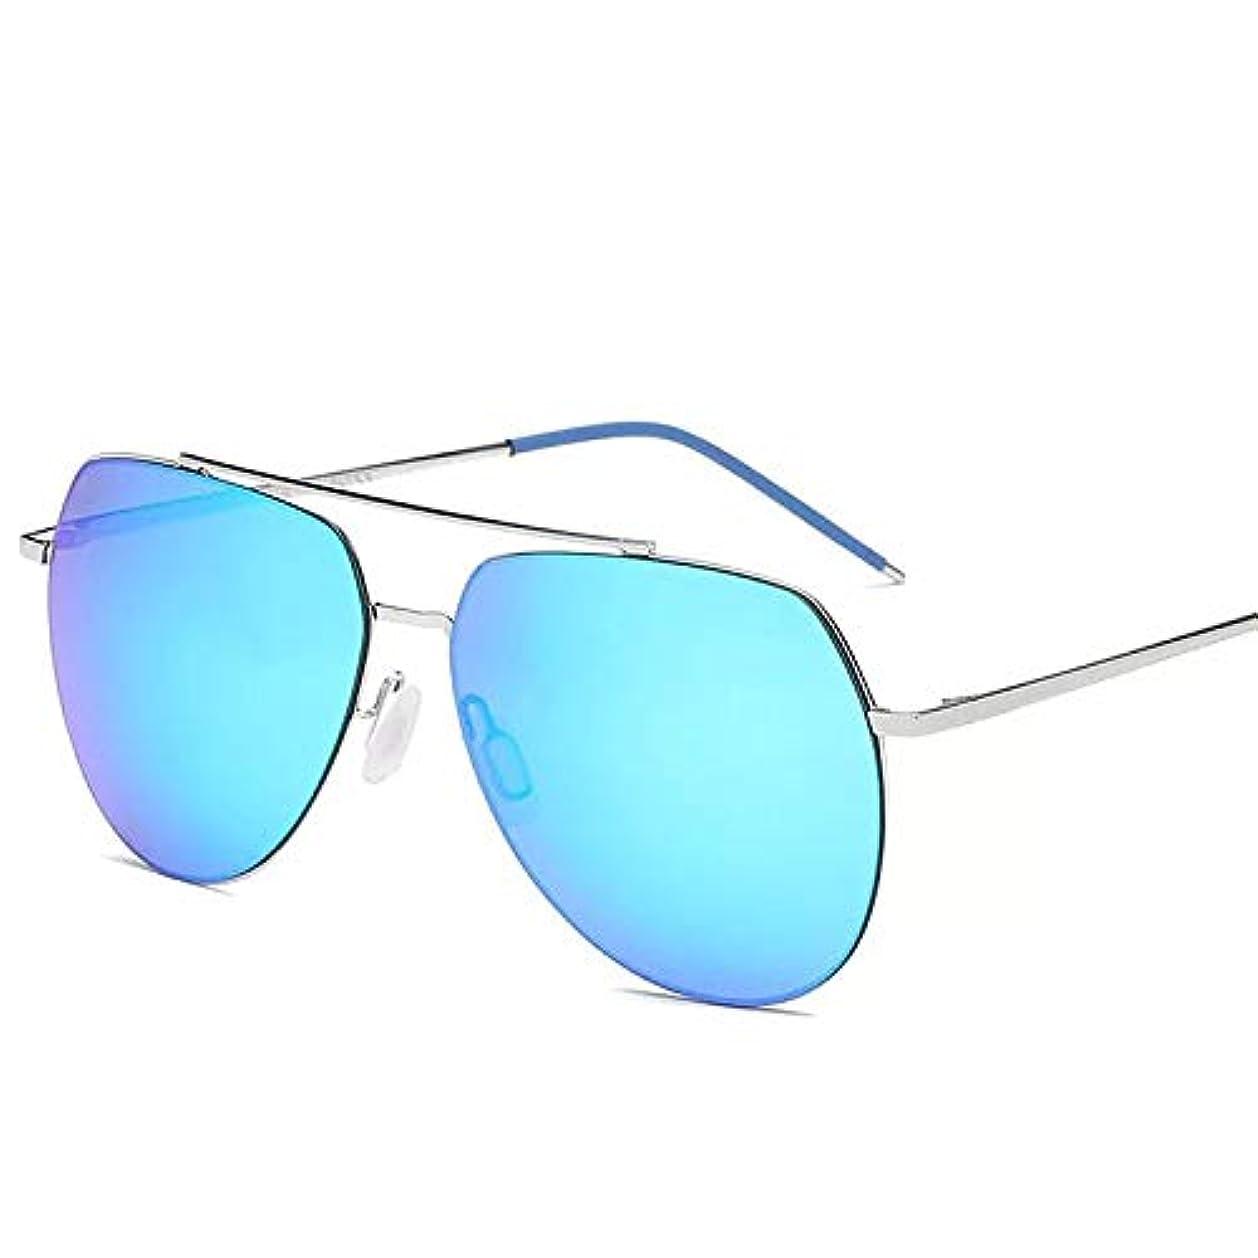 可能そばにかる男性用サングラス ファッション金属サングラスカラフルなナイロンサングラス高品質 女性のための岸壁のサングラス (Color : D)